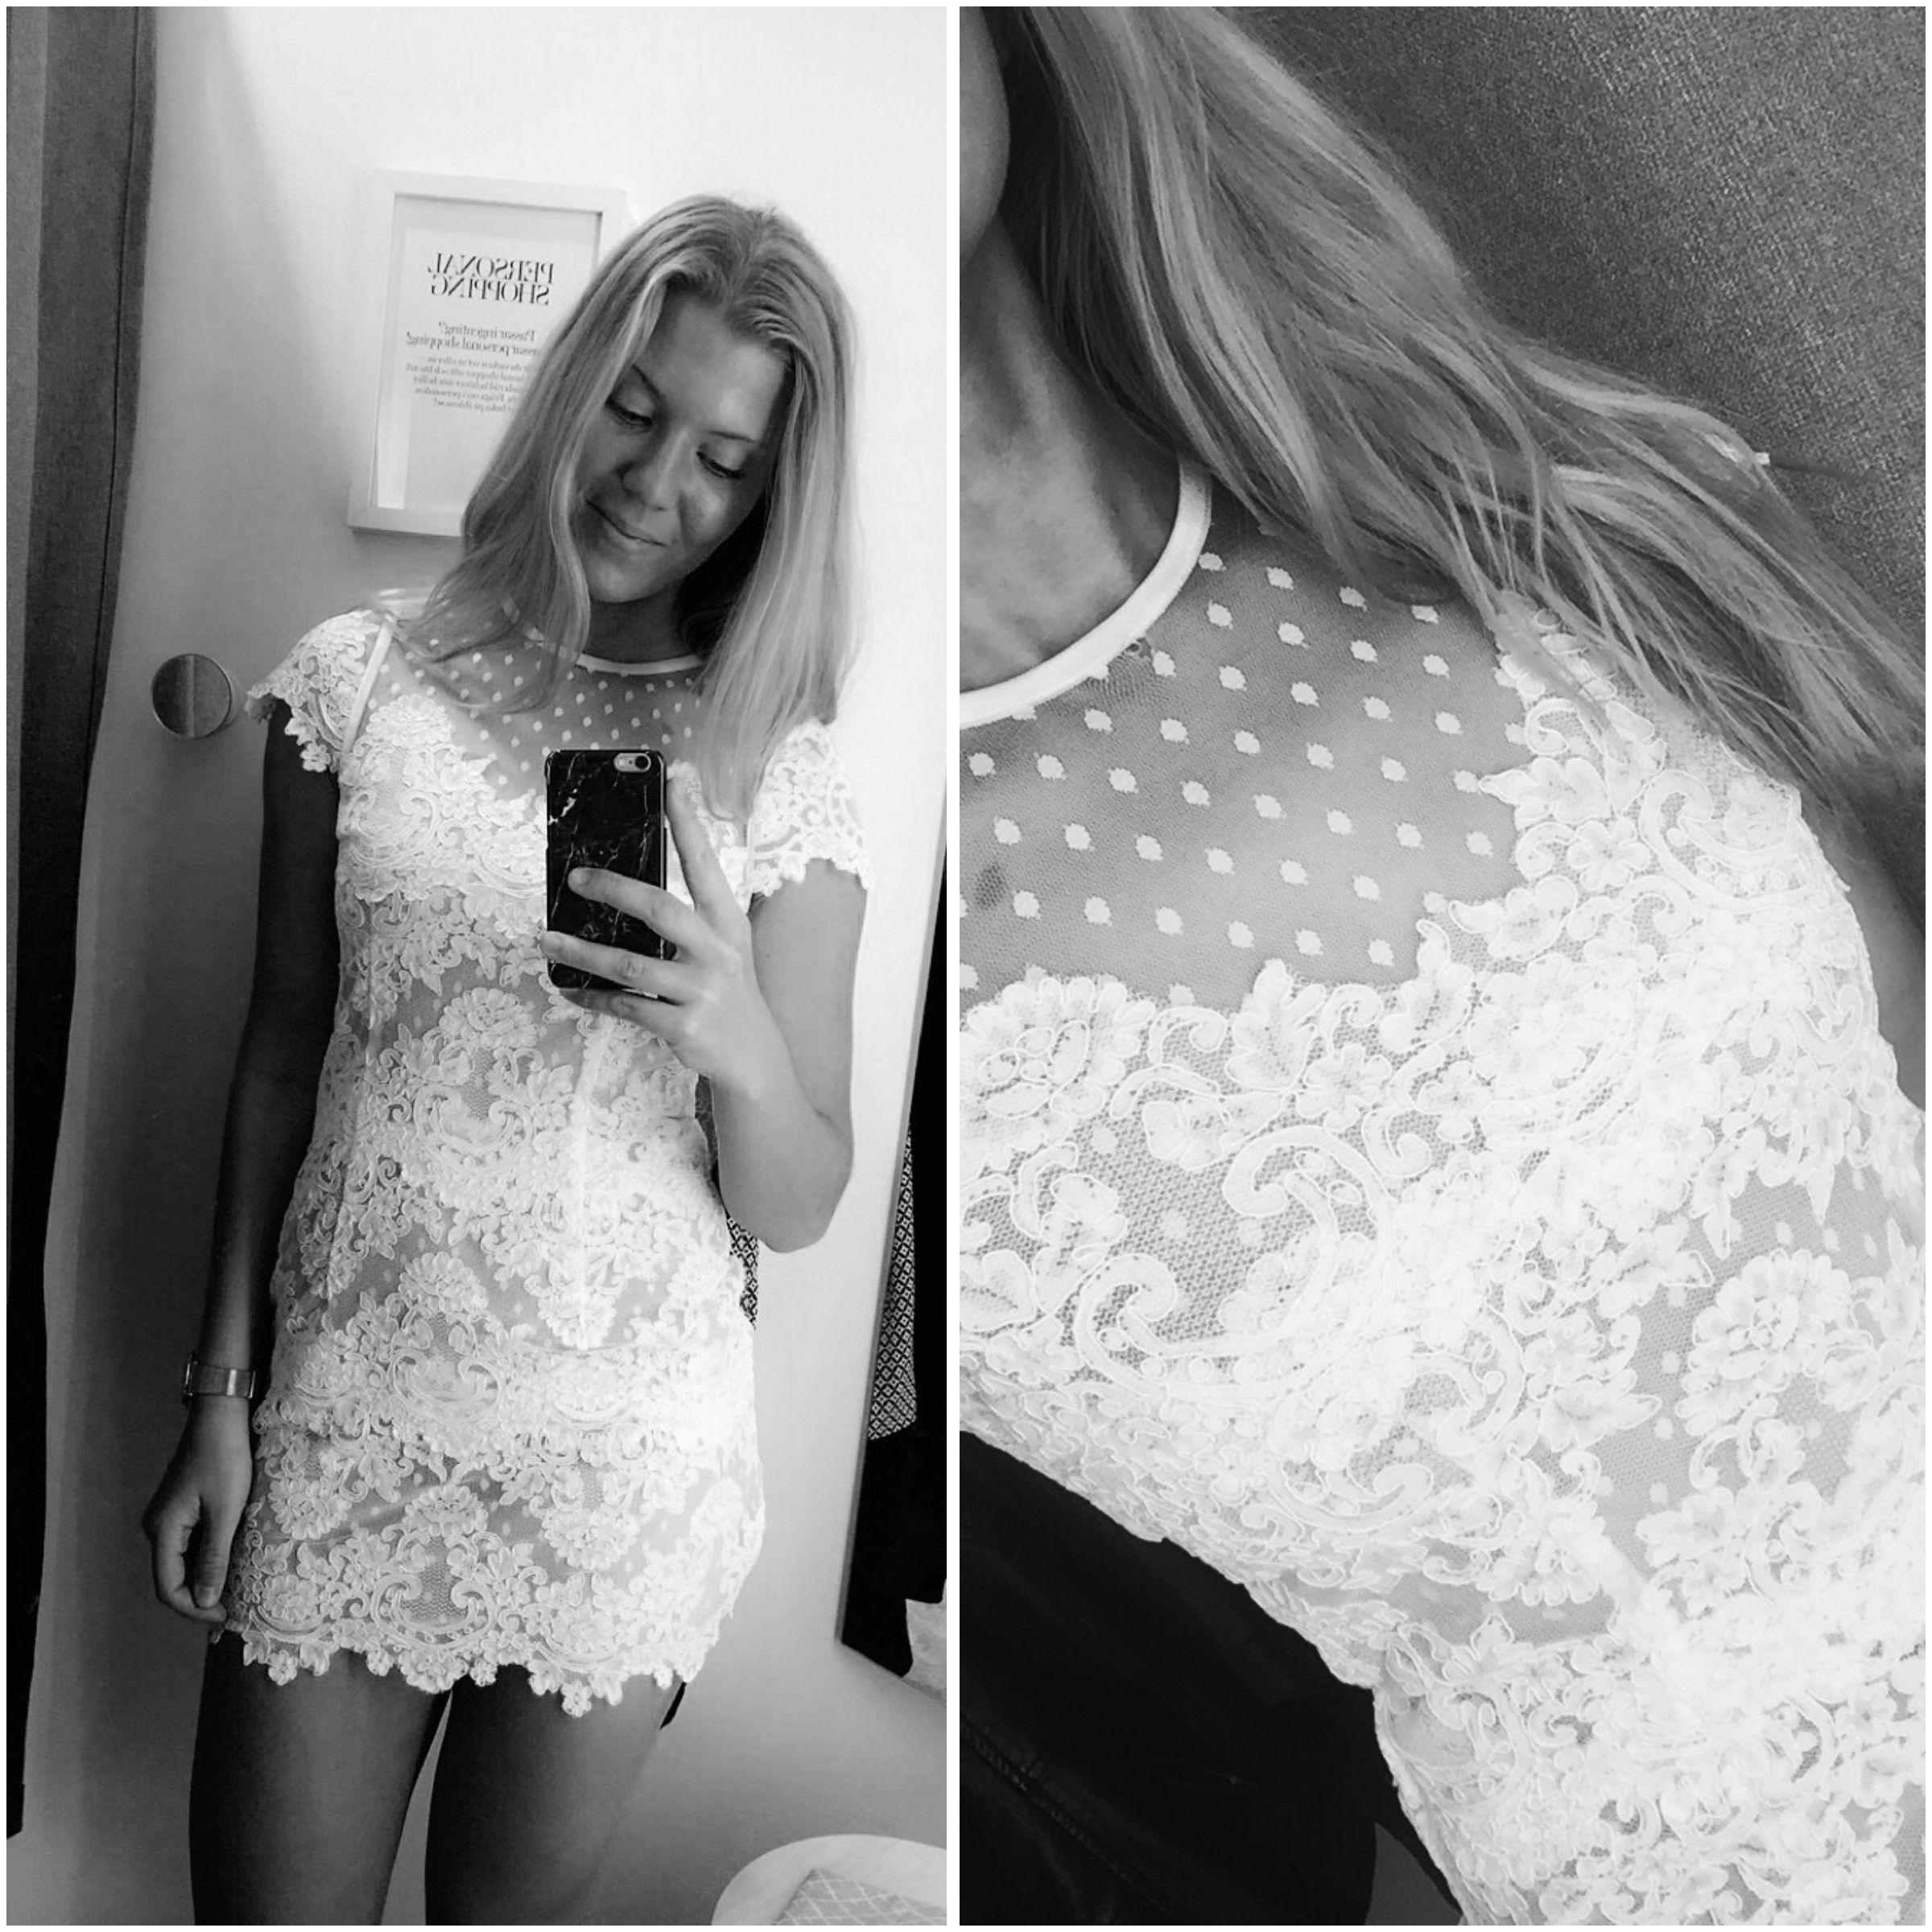 ida sjöstedt paris dress white